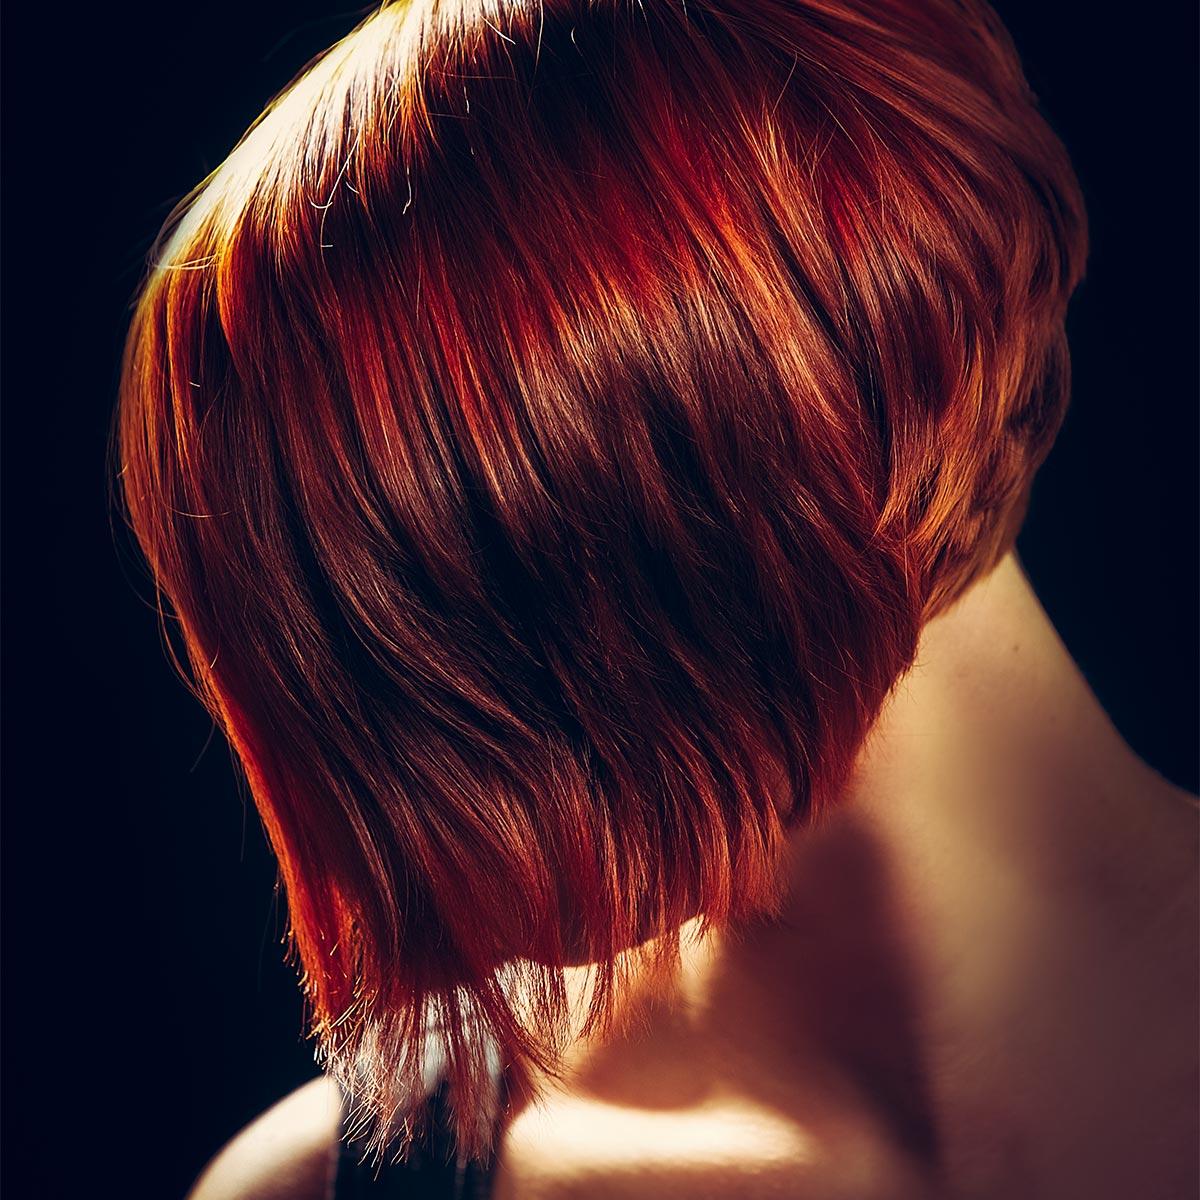 Coloration und Haarfärben